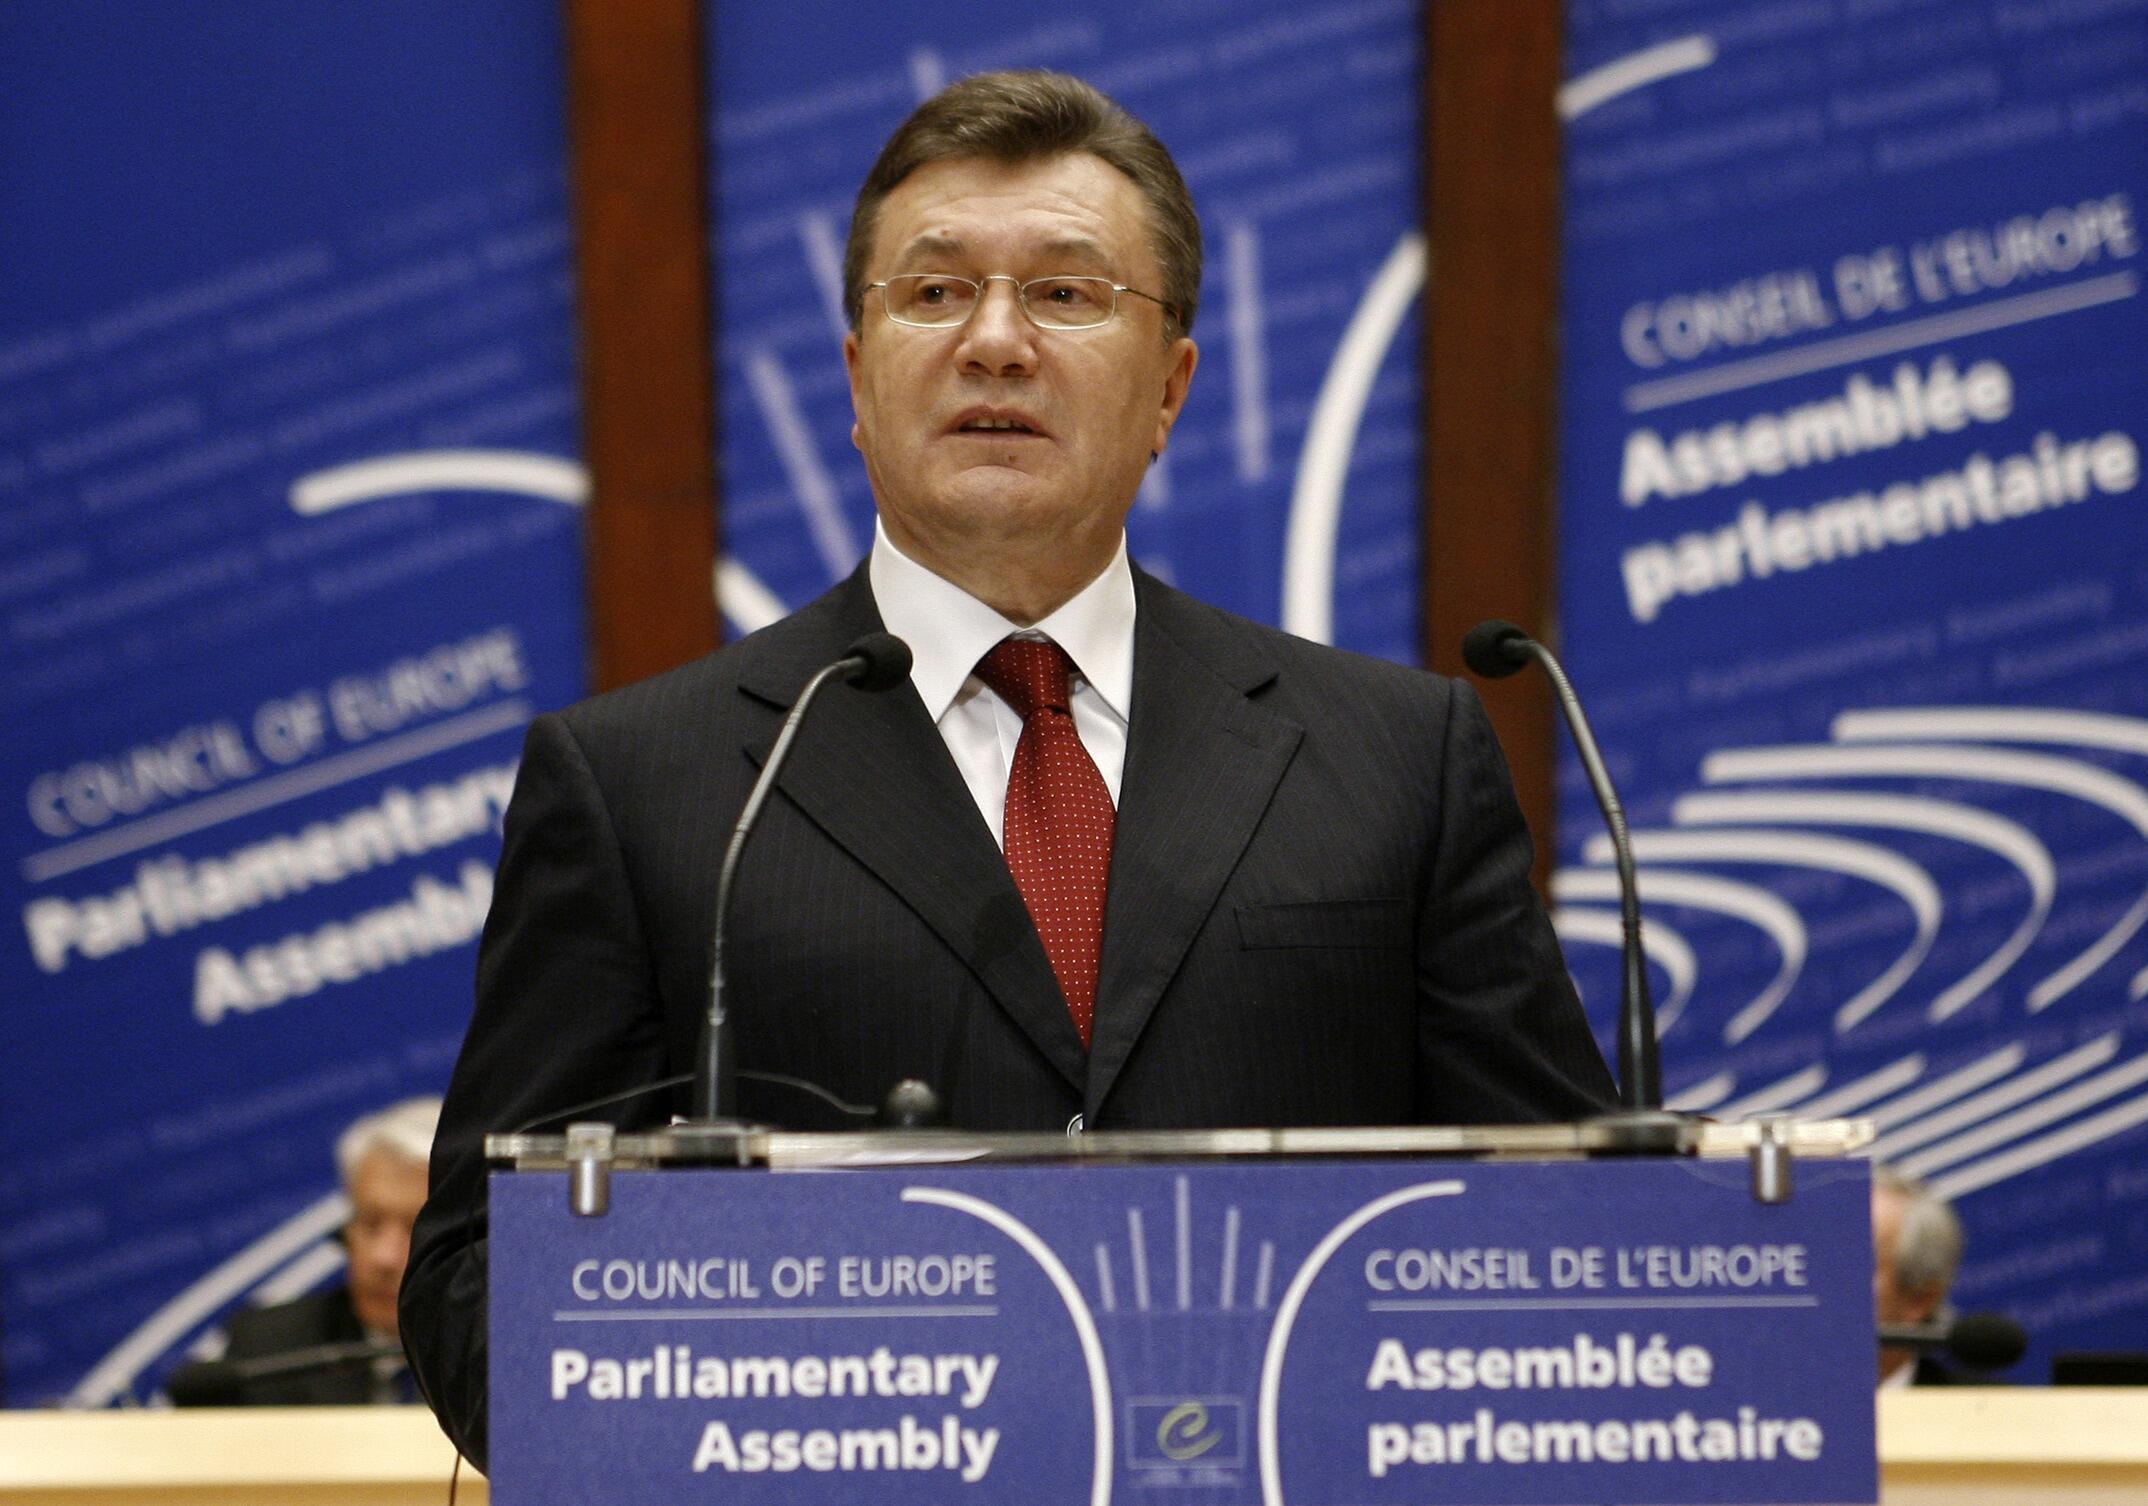 Выступление президента Украины В.Януковича в ПАСЕ.